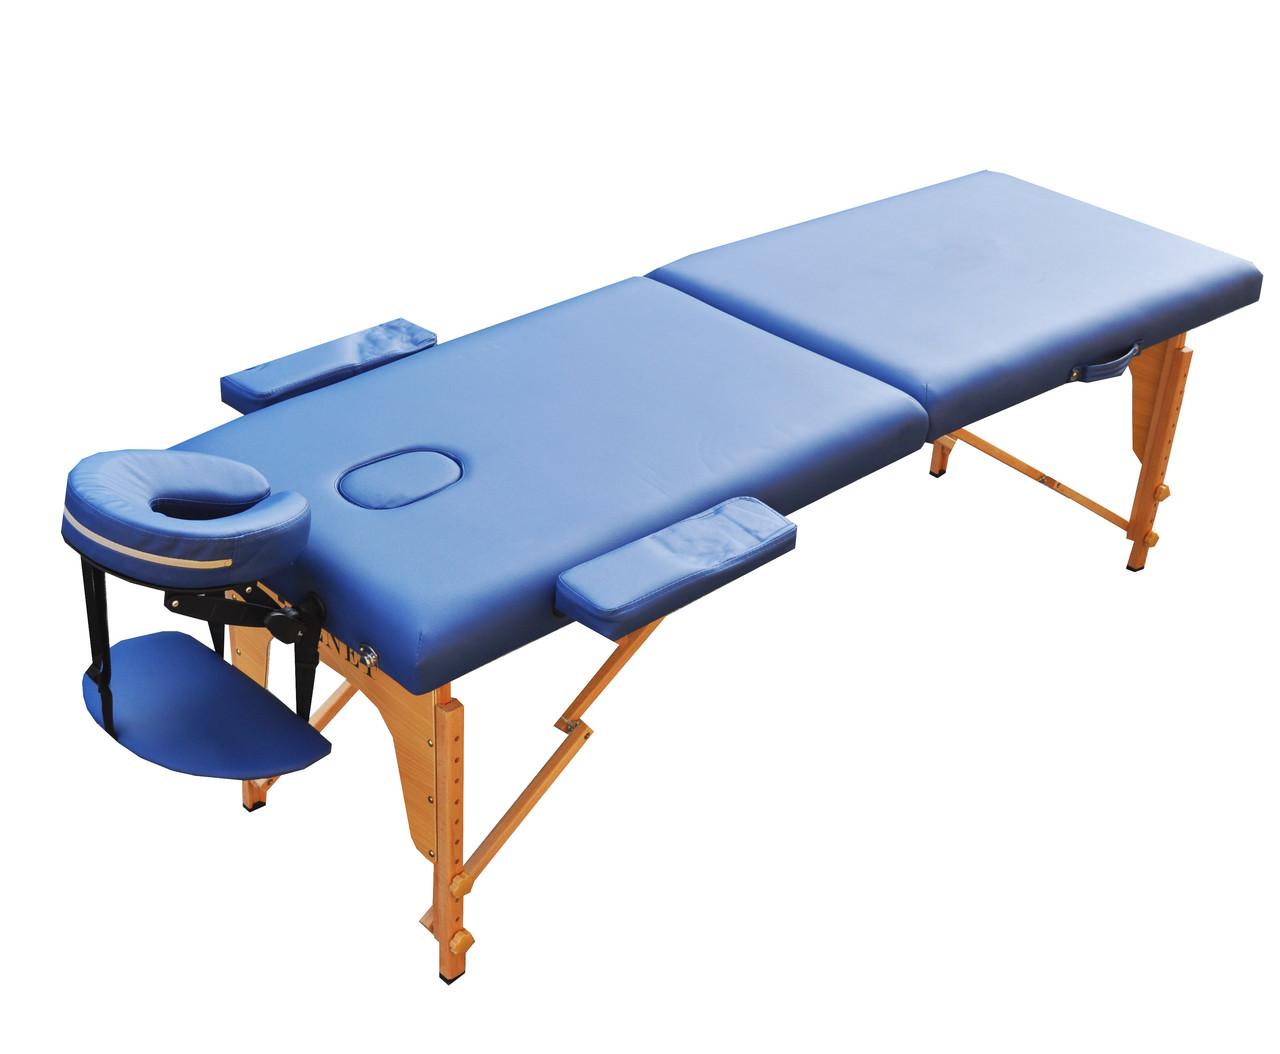 Массажный стол  с вырезом под лицо ZENET  ZET-1042 NAVY BLUE  размер  S (180*60*61)